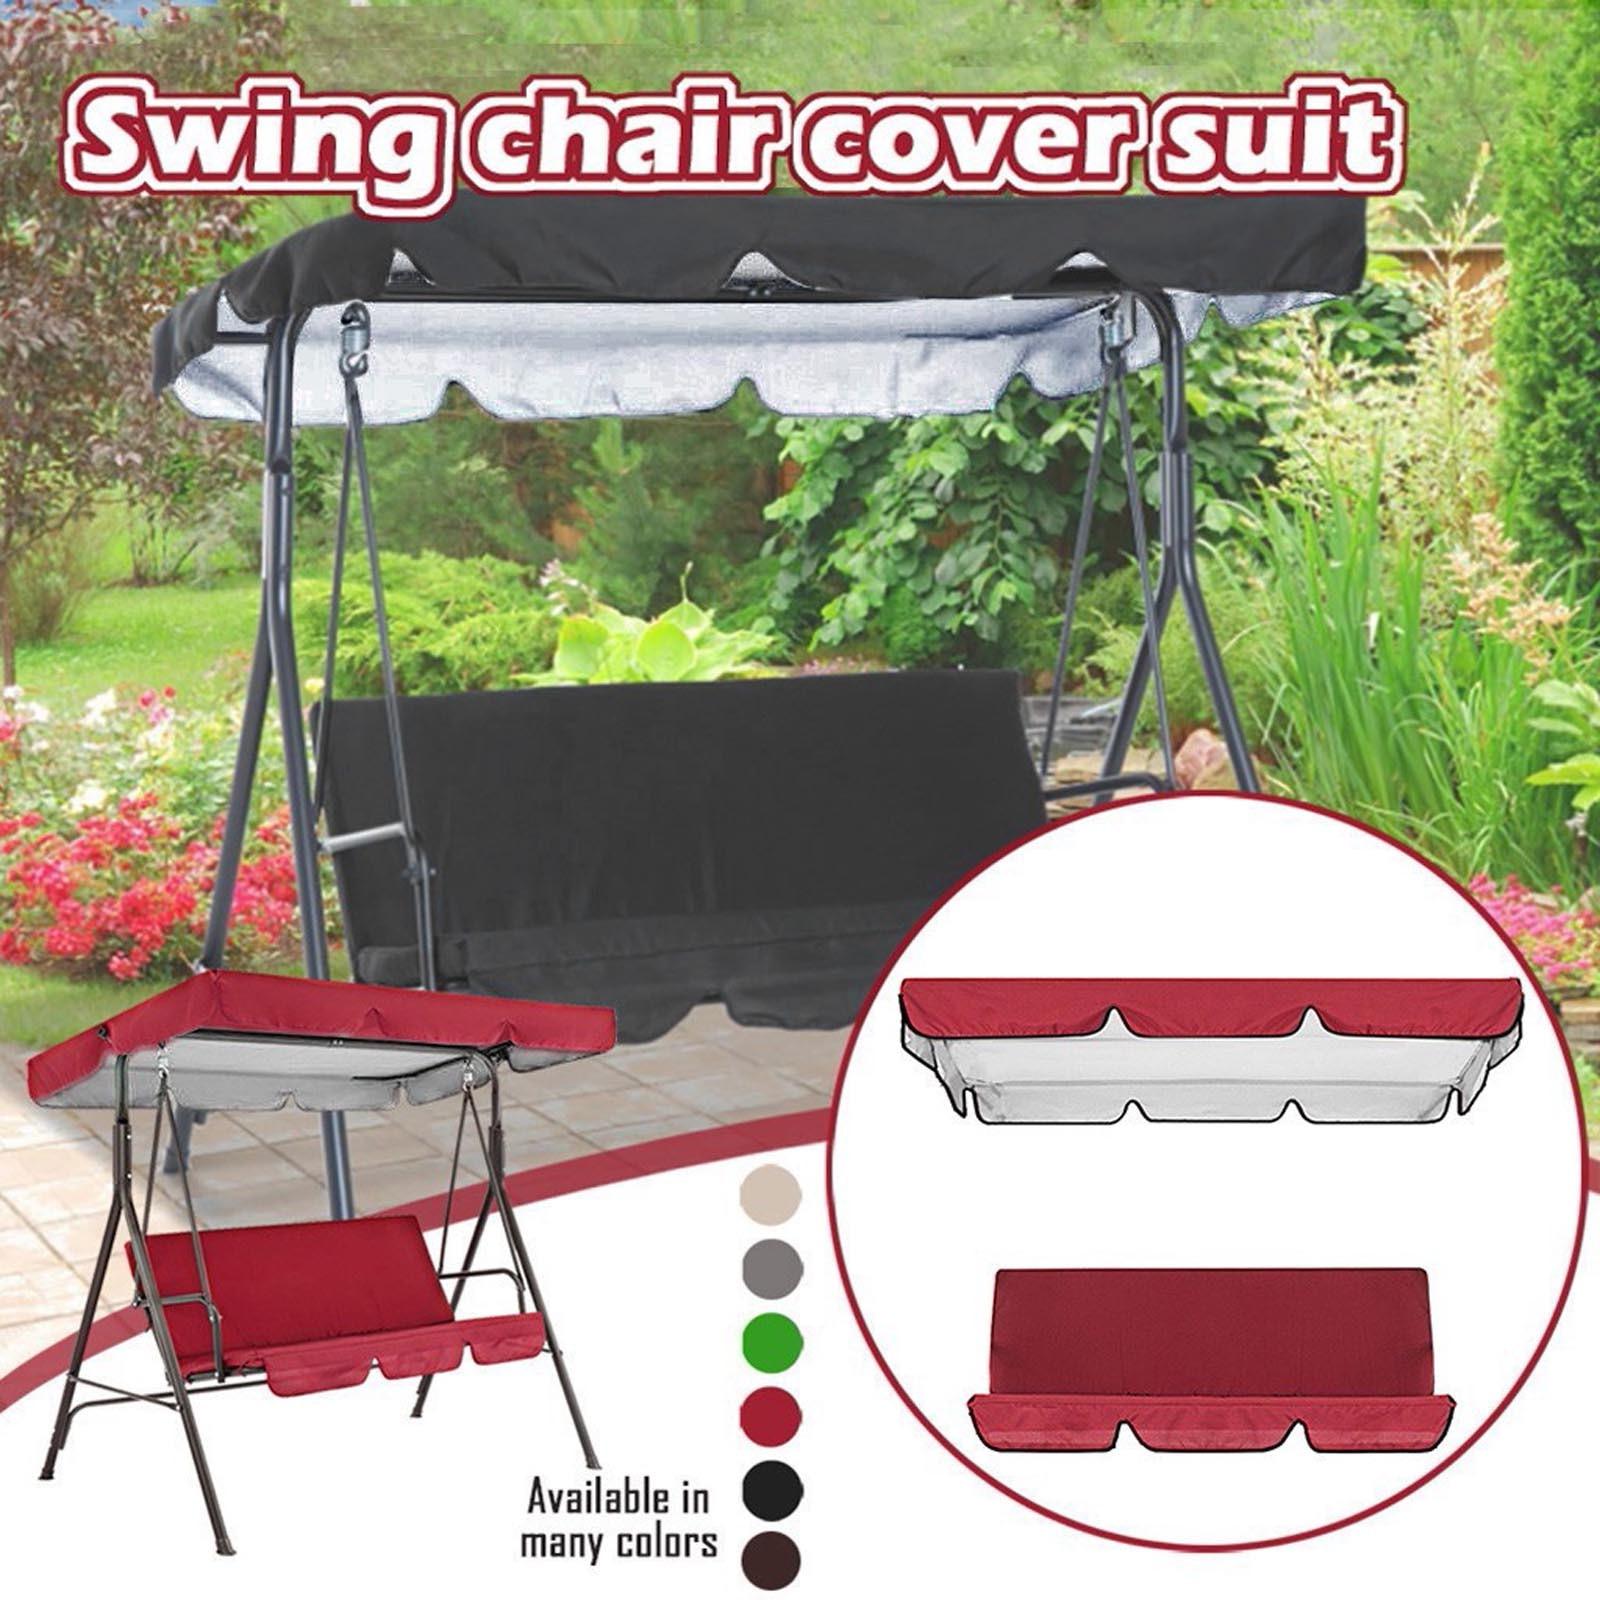 Cubierta impermeable para columpio, Toldo Plegable para silla De jardín, Toldo protector solar para exteriores, Toldo retráctil